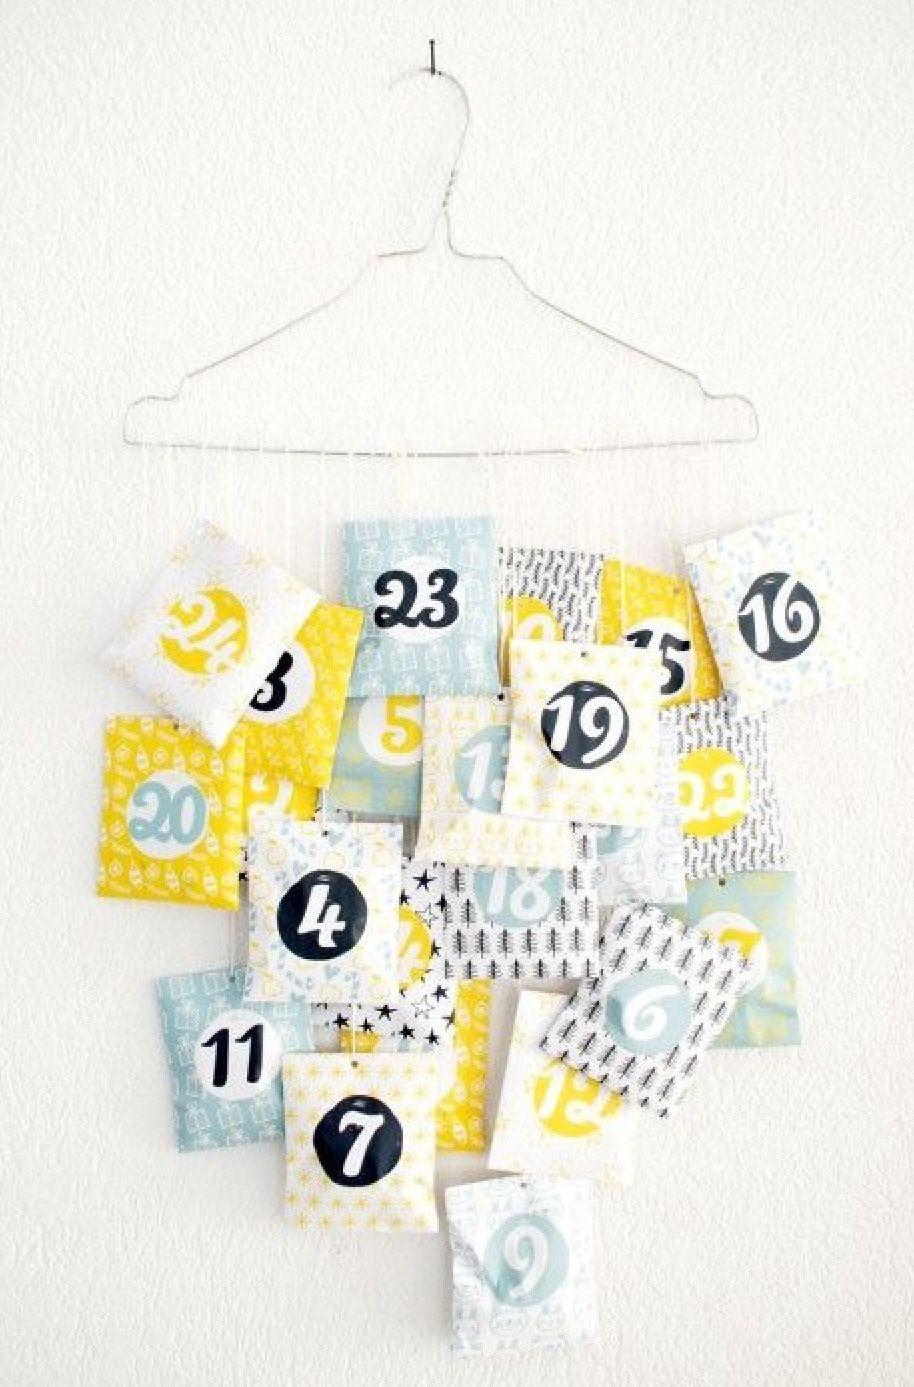 24 idées pour un calendrier de l'avent fait maison #calendrierdelaventfaitmaisontissu 24 idées pour un calendrier de l'avent fait maison #calendrierdelaventfaitmaisonfacile